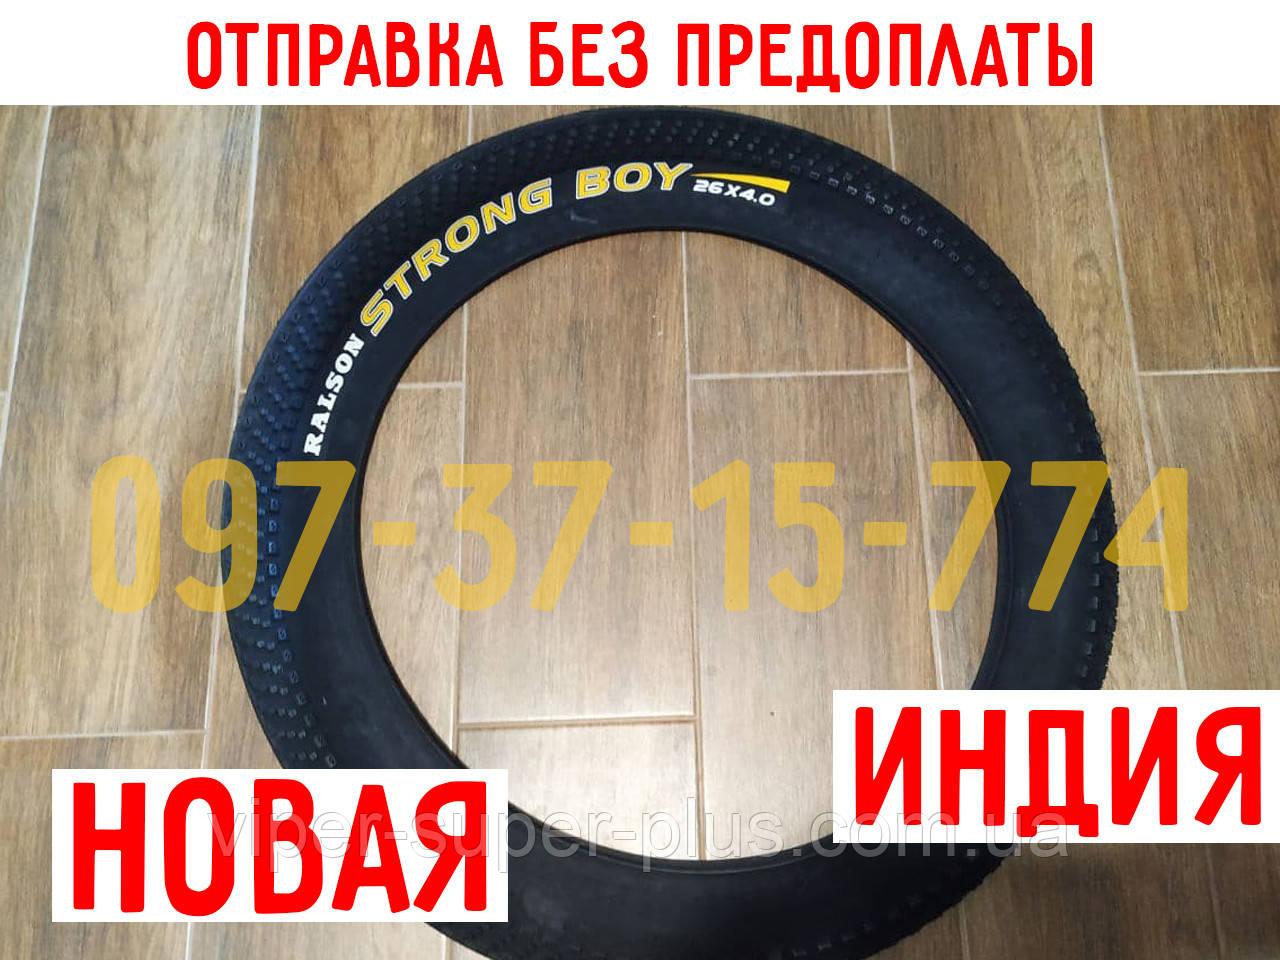 ✅ Fet Bike Велосипедна Покришка (Шина) на Fat Bike (Фэтбайк) Ralson R 4161 STRONG BOY 26x4.0 - НОВА РЕЗИНА